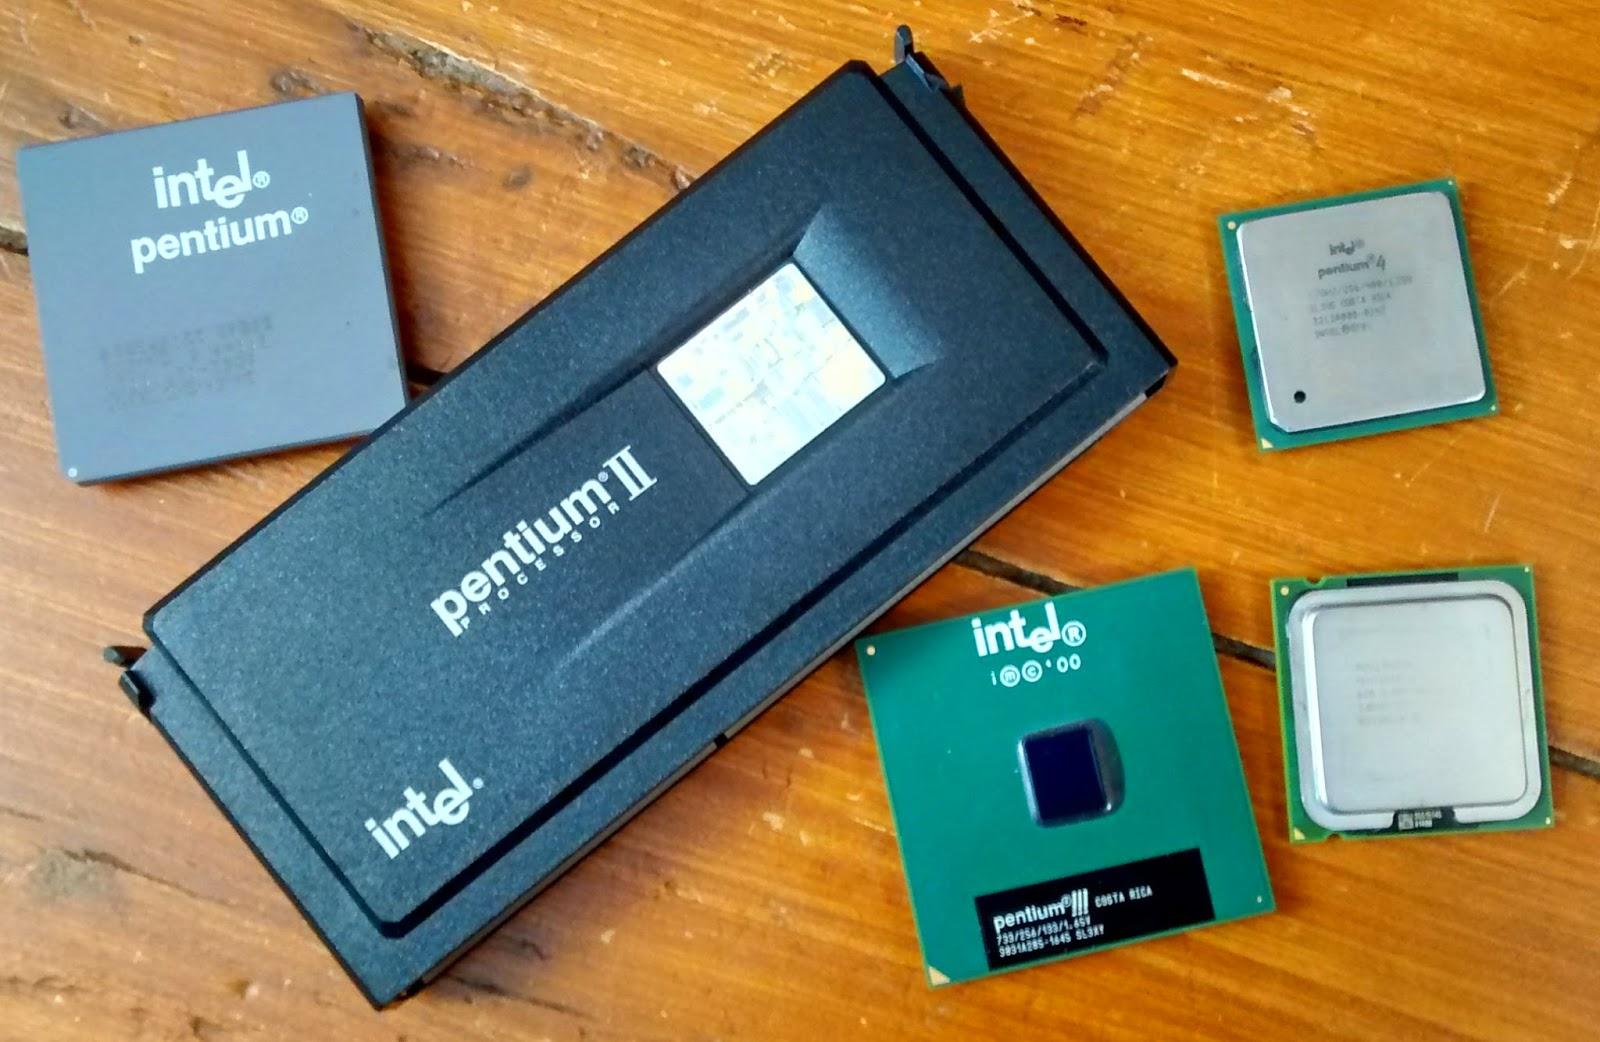 Intel Pentium, Pentium II, Pentium III, Pentium 4 and Pentium D